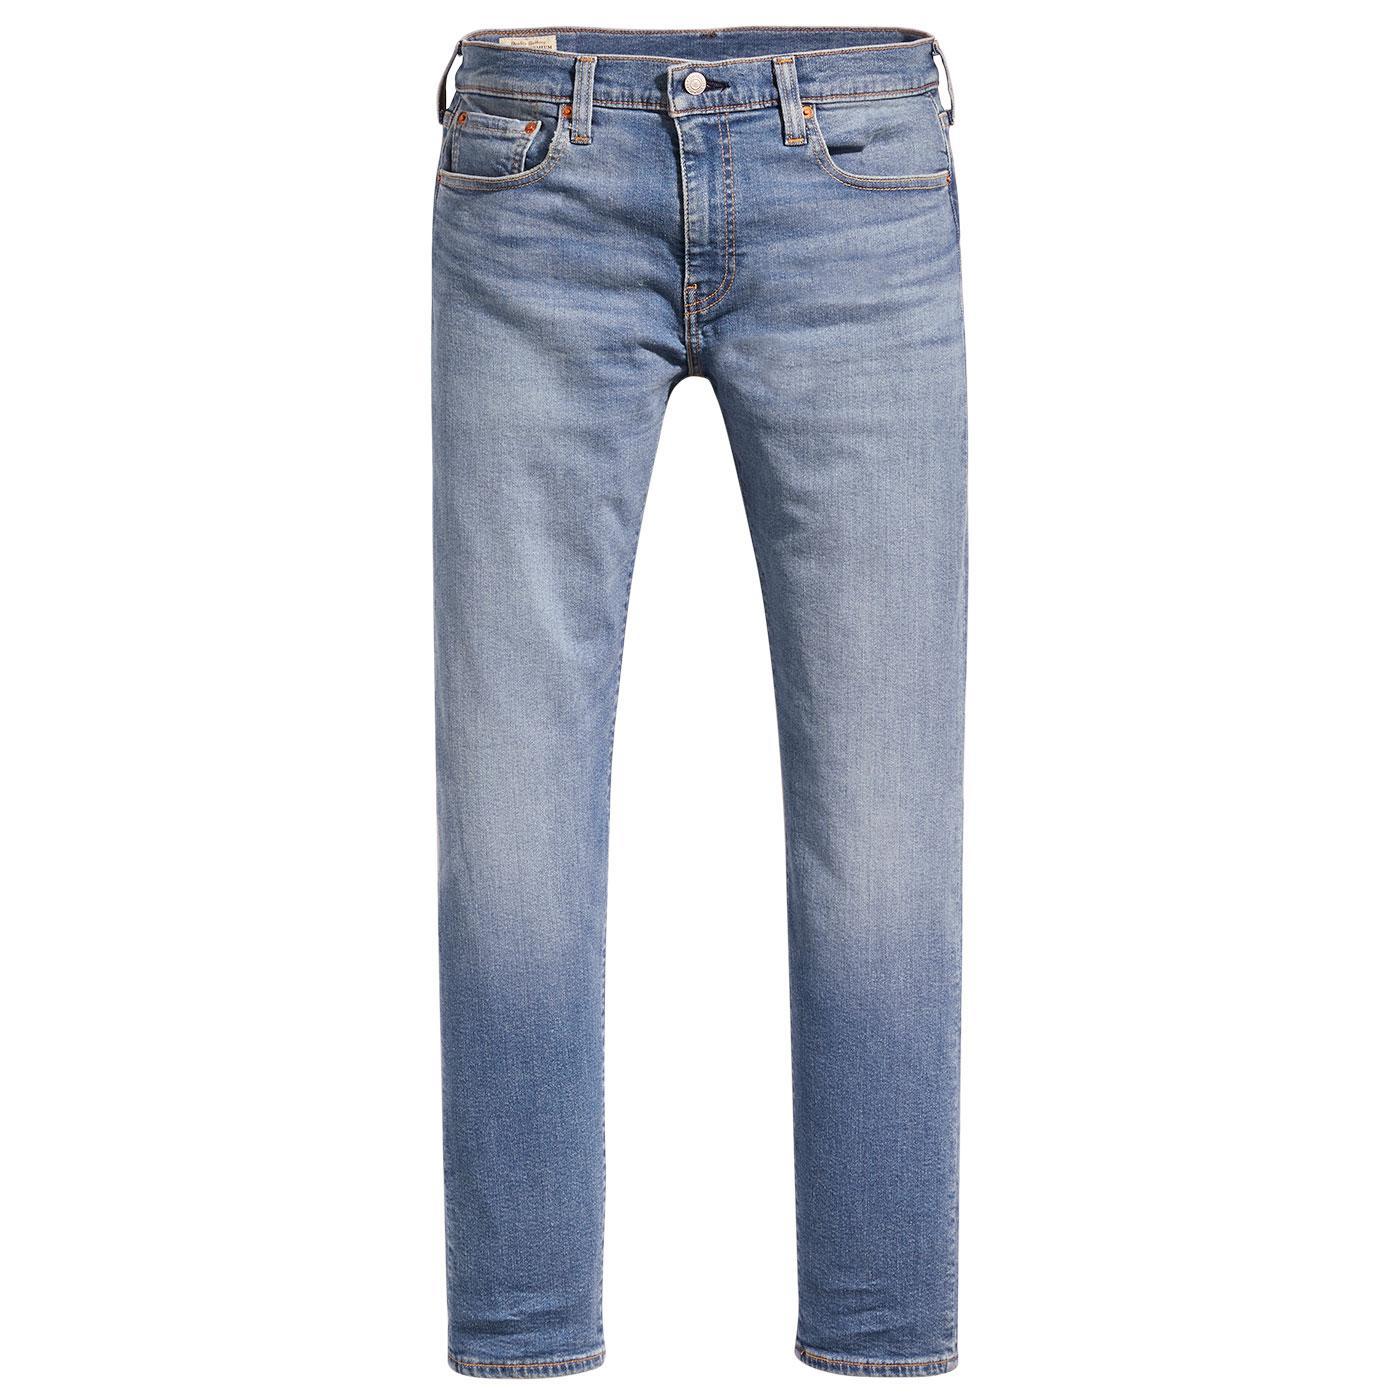 LEVI'S 502 Regular Taper Mod Jeans Cedar Light